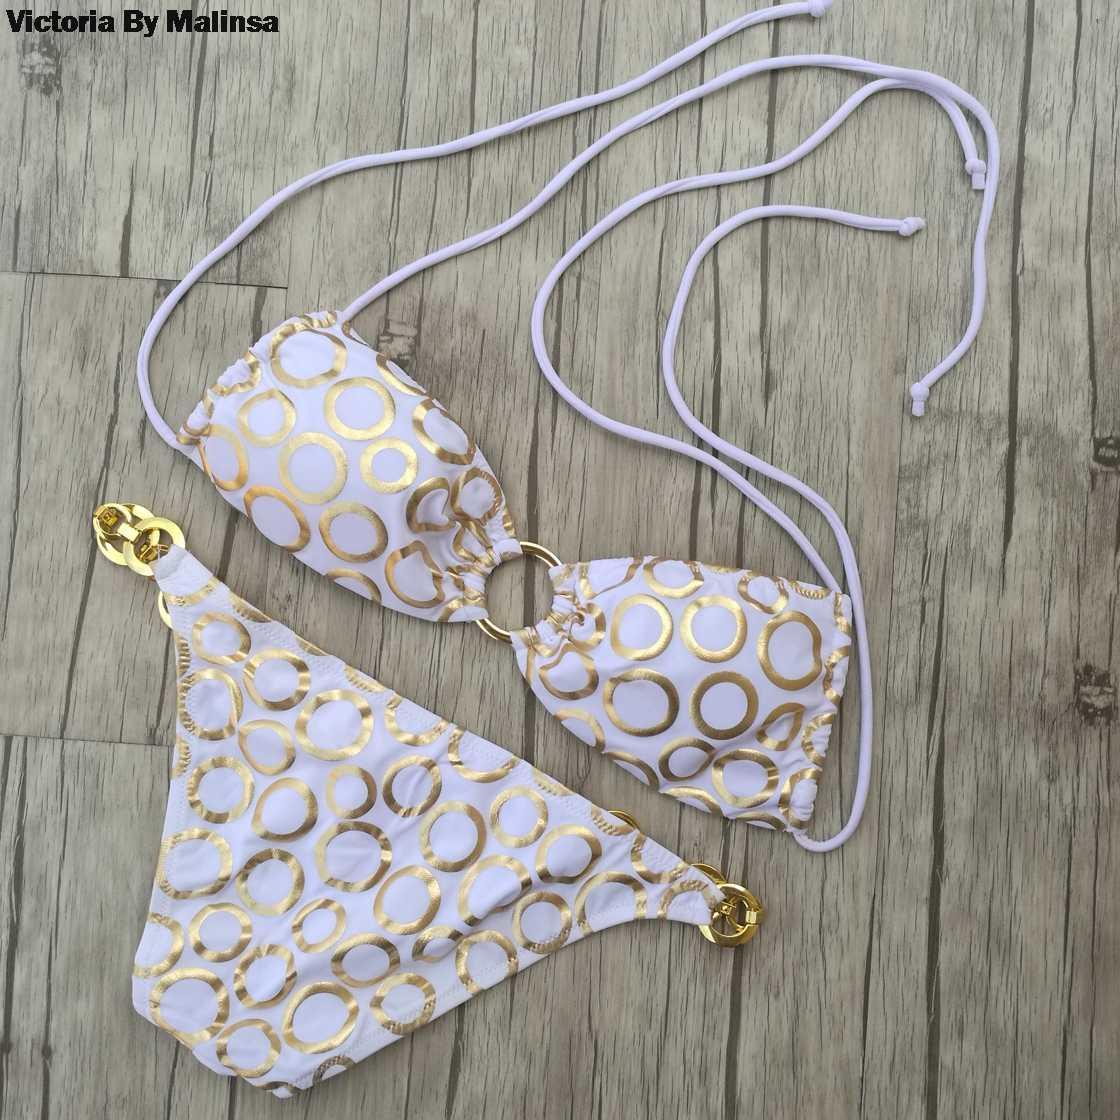 קיץ נשים לבן ביקיני חליפת נמוך מותניים Biquini נשים שחייה לובש סקסי סוד אבזם מתכת שרשרת תכשיטי וחוף